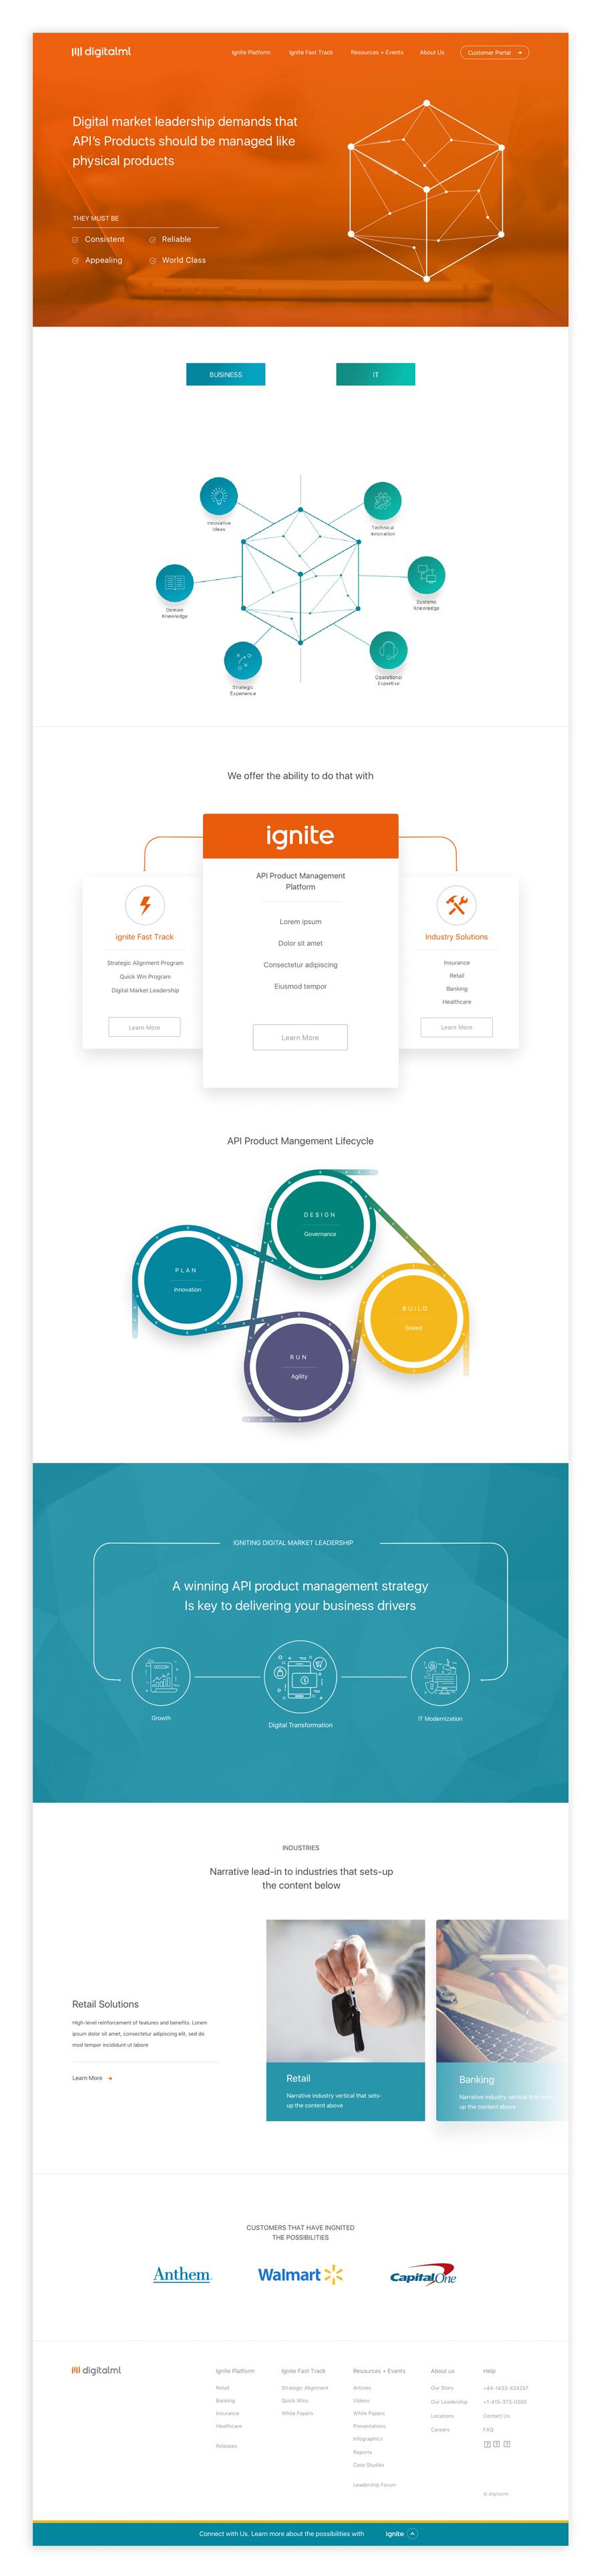 digitalml---Homepage.jpg